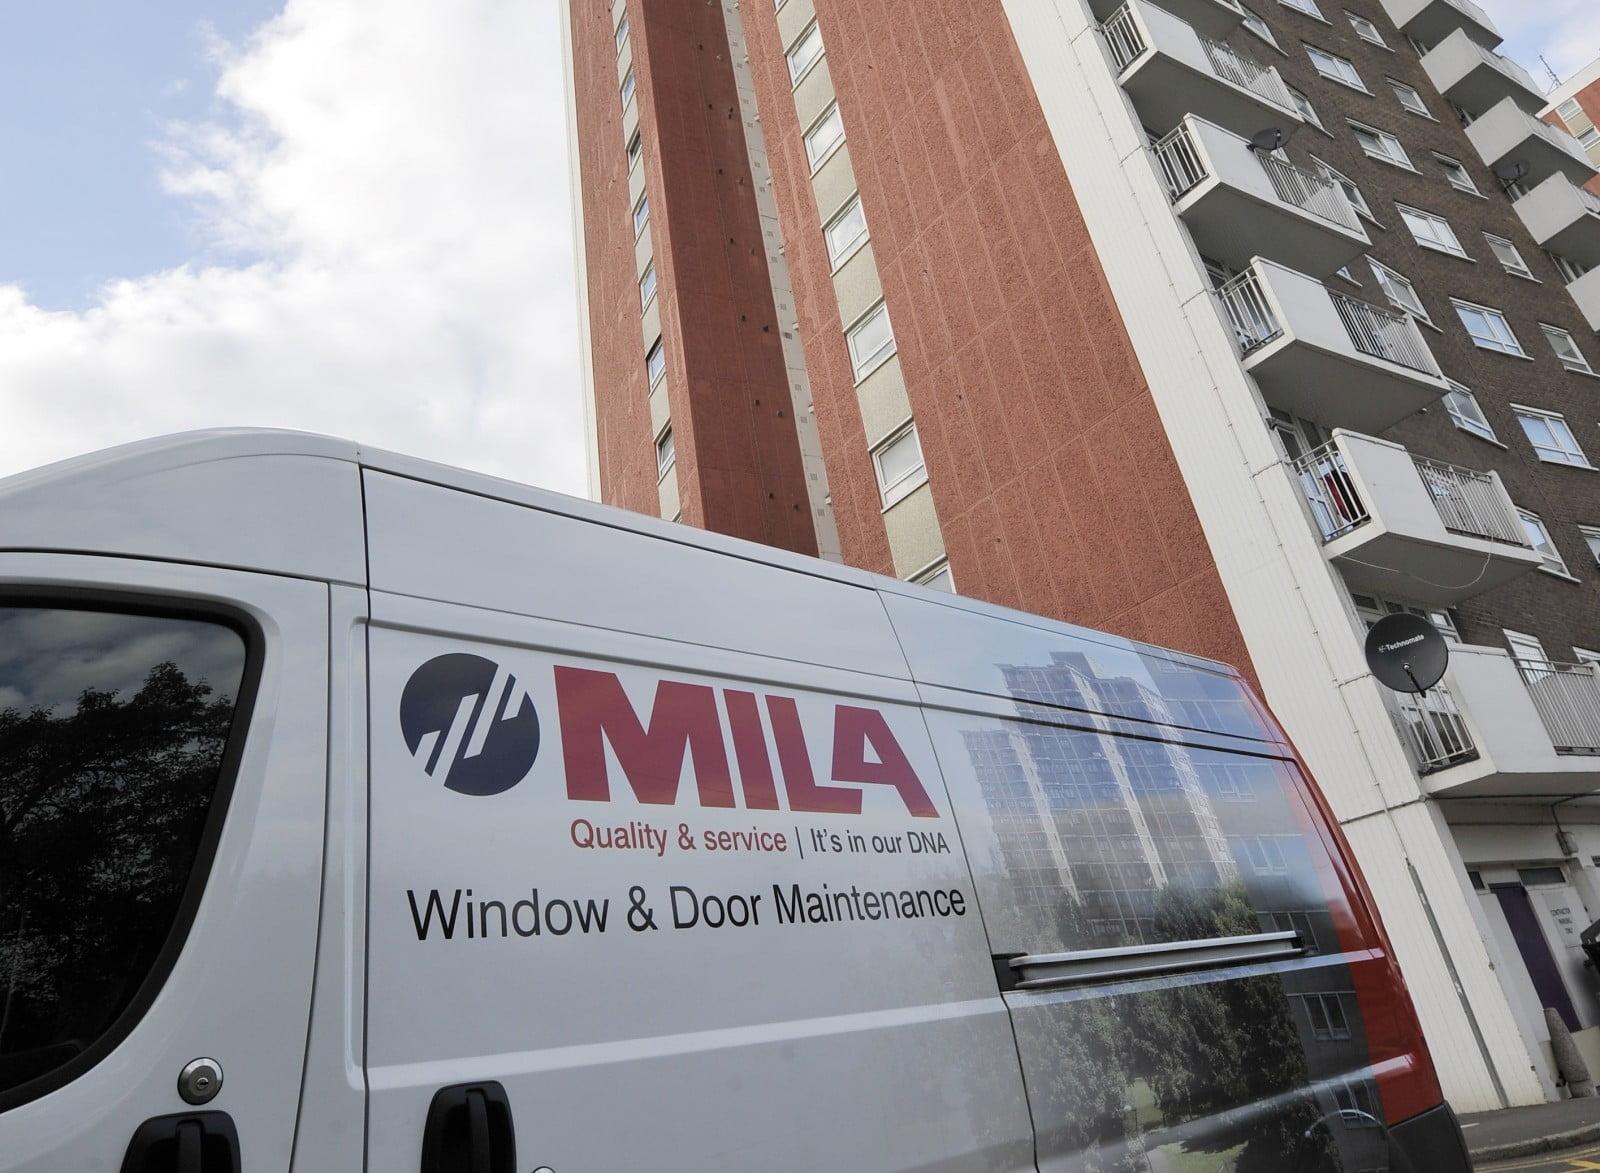 Mila Maintenance van outside a block of flats